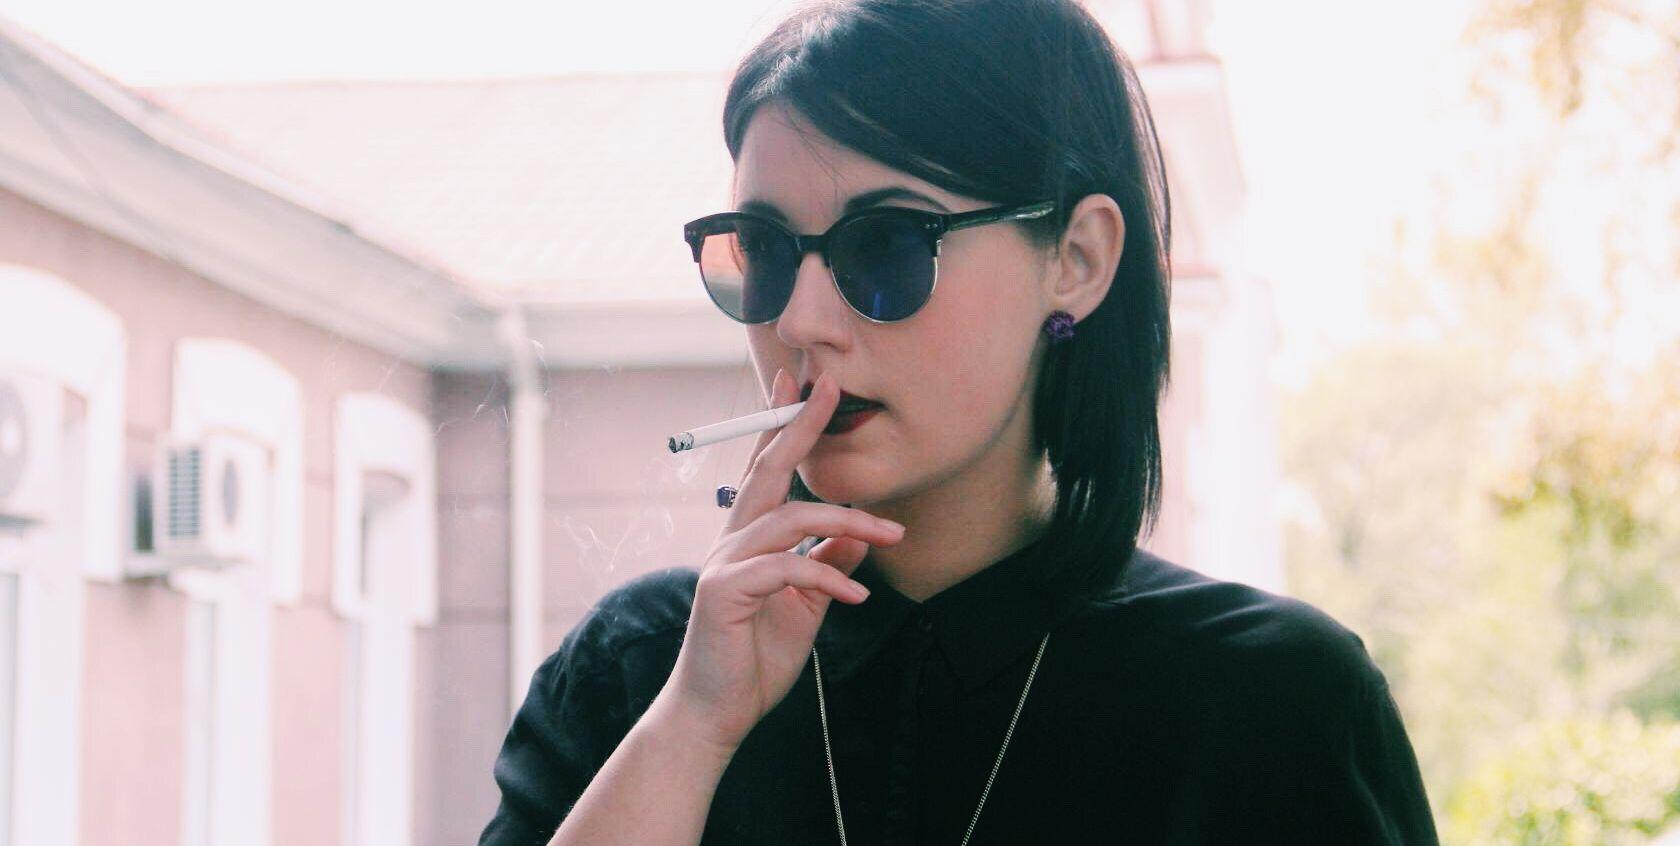 Roken-maakt-je-onaantrekkelijk